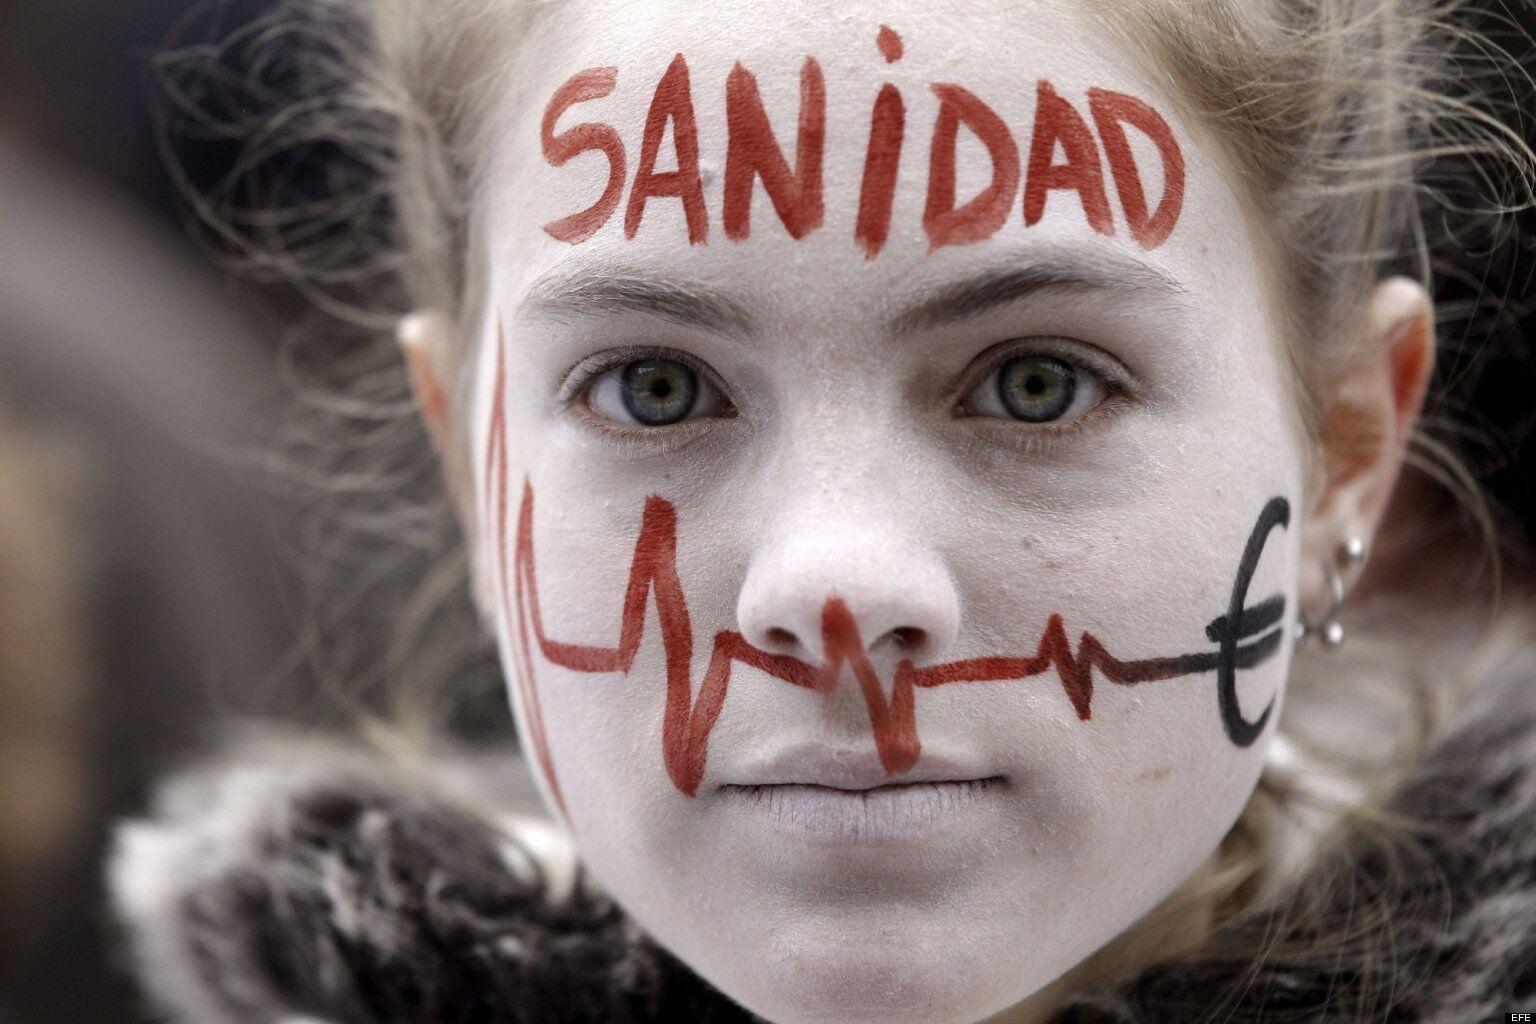 La sanidad en Madrid se encuentra en una situación cada vez peor, el avance del capitalismo es imparable y el gobierno del PP, tanto en la región como en el…